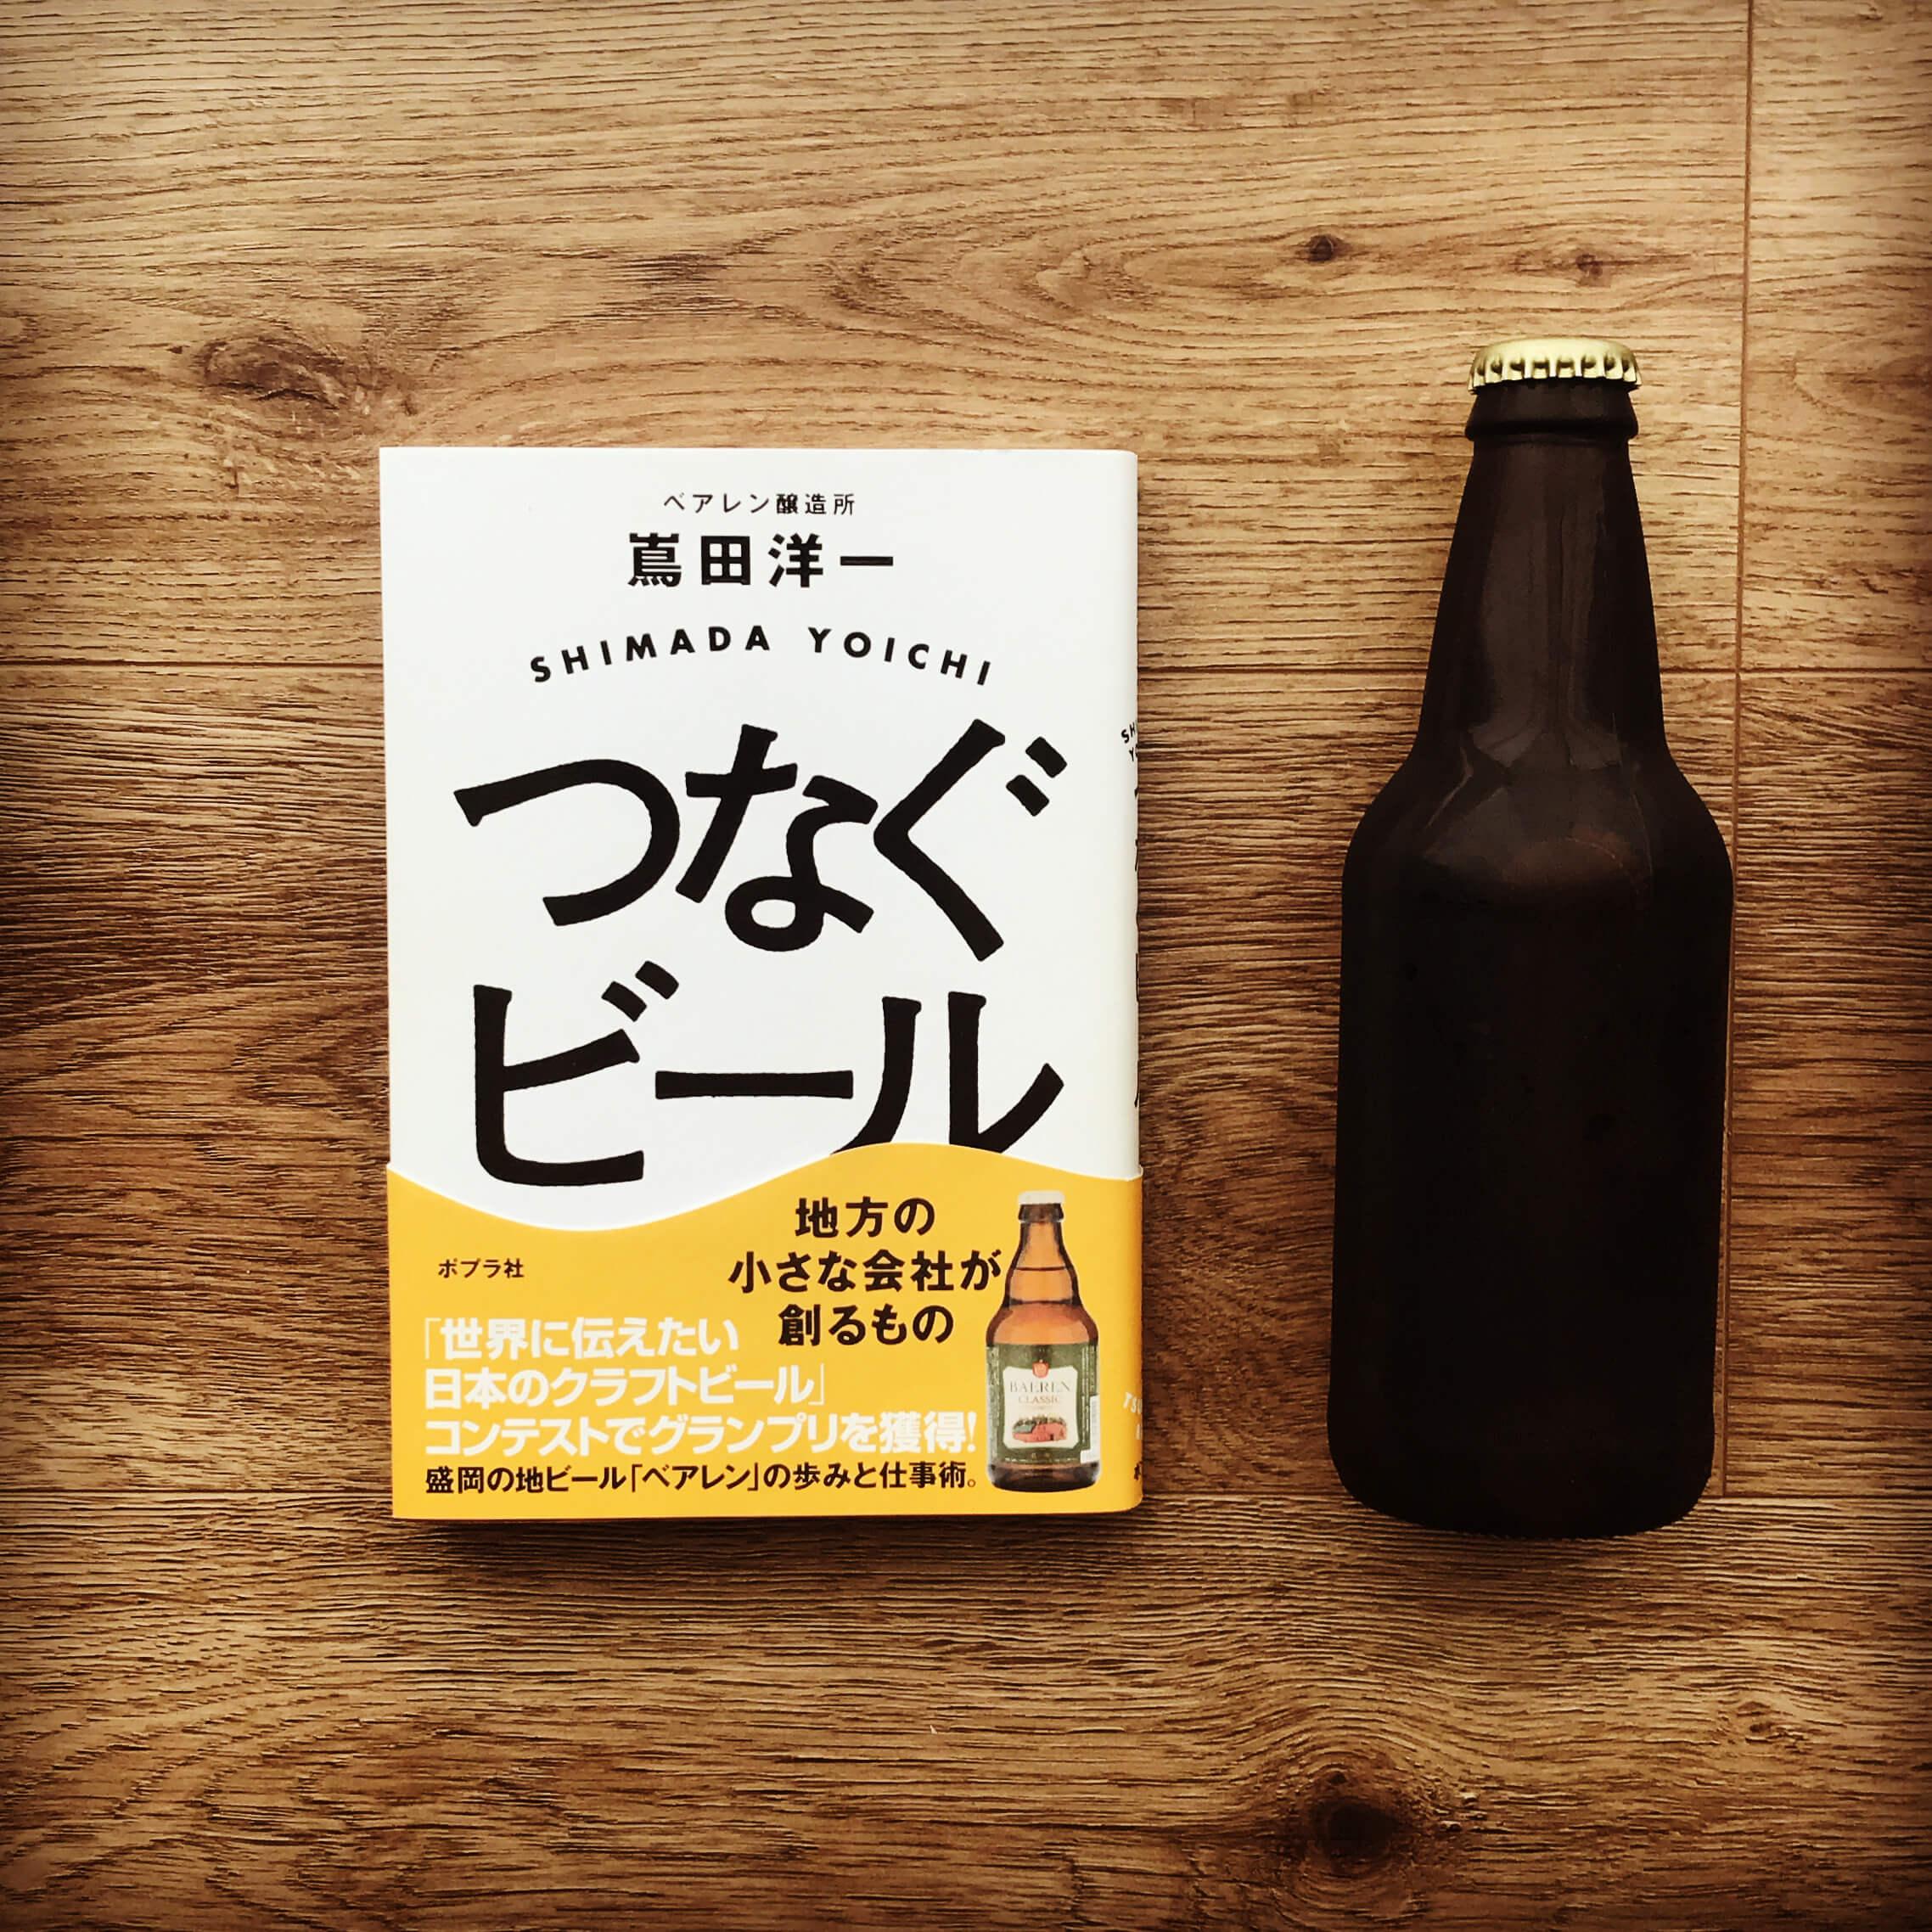 つなぐビールという書籍の写真